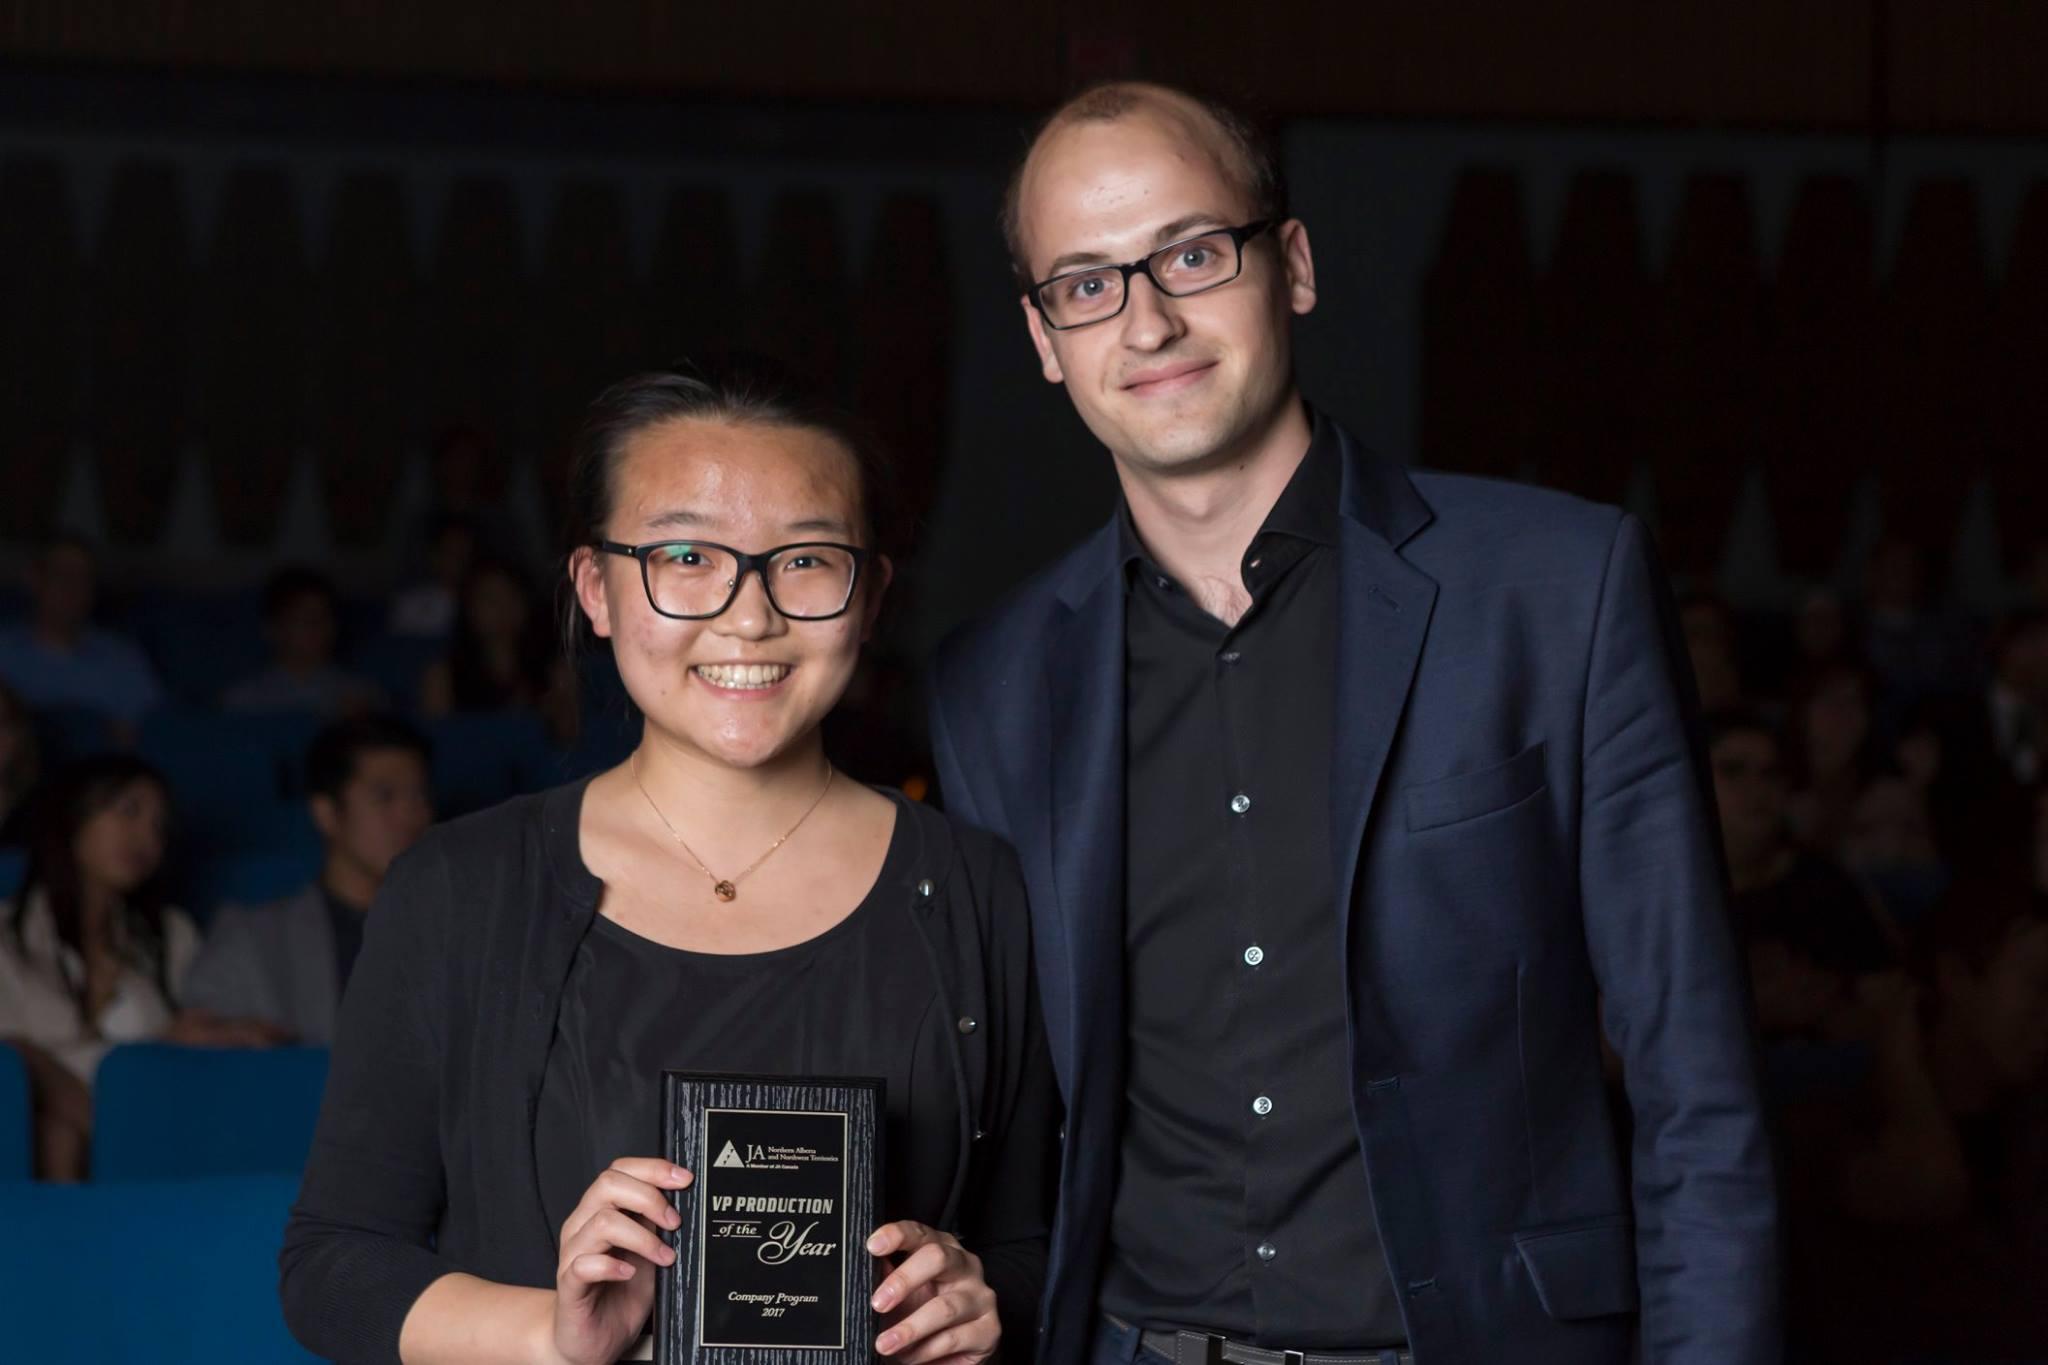 Junior achievement sponsorship for VP Production